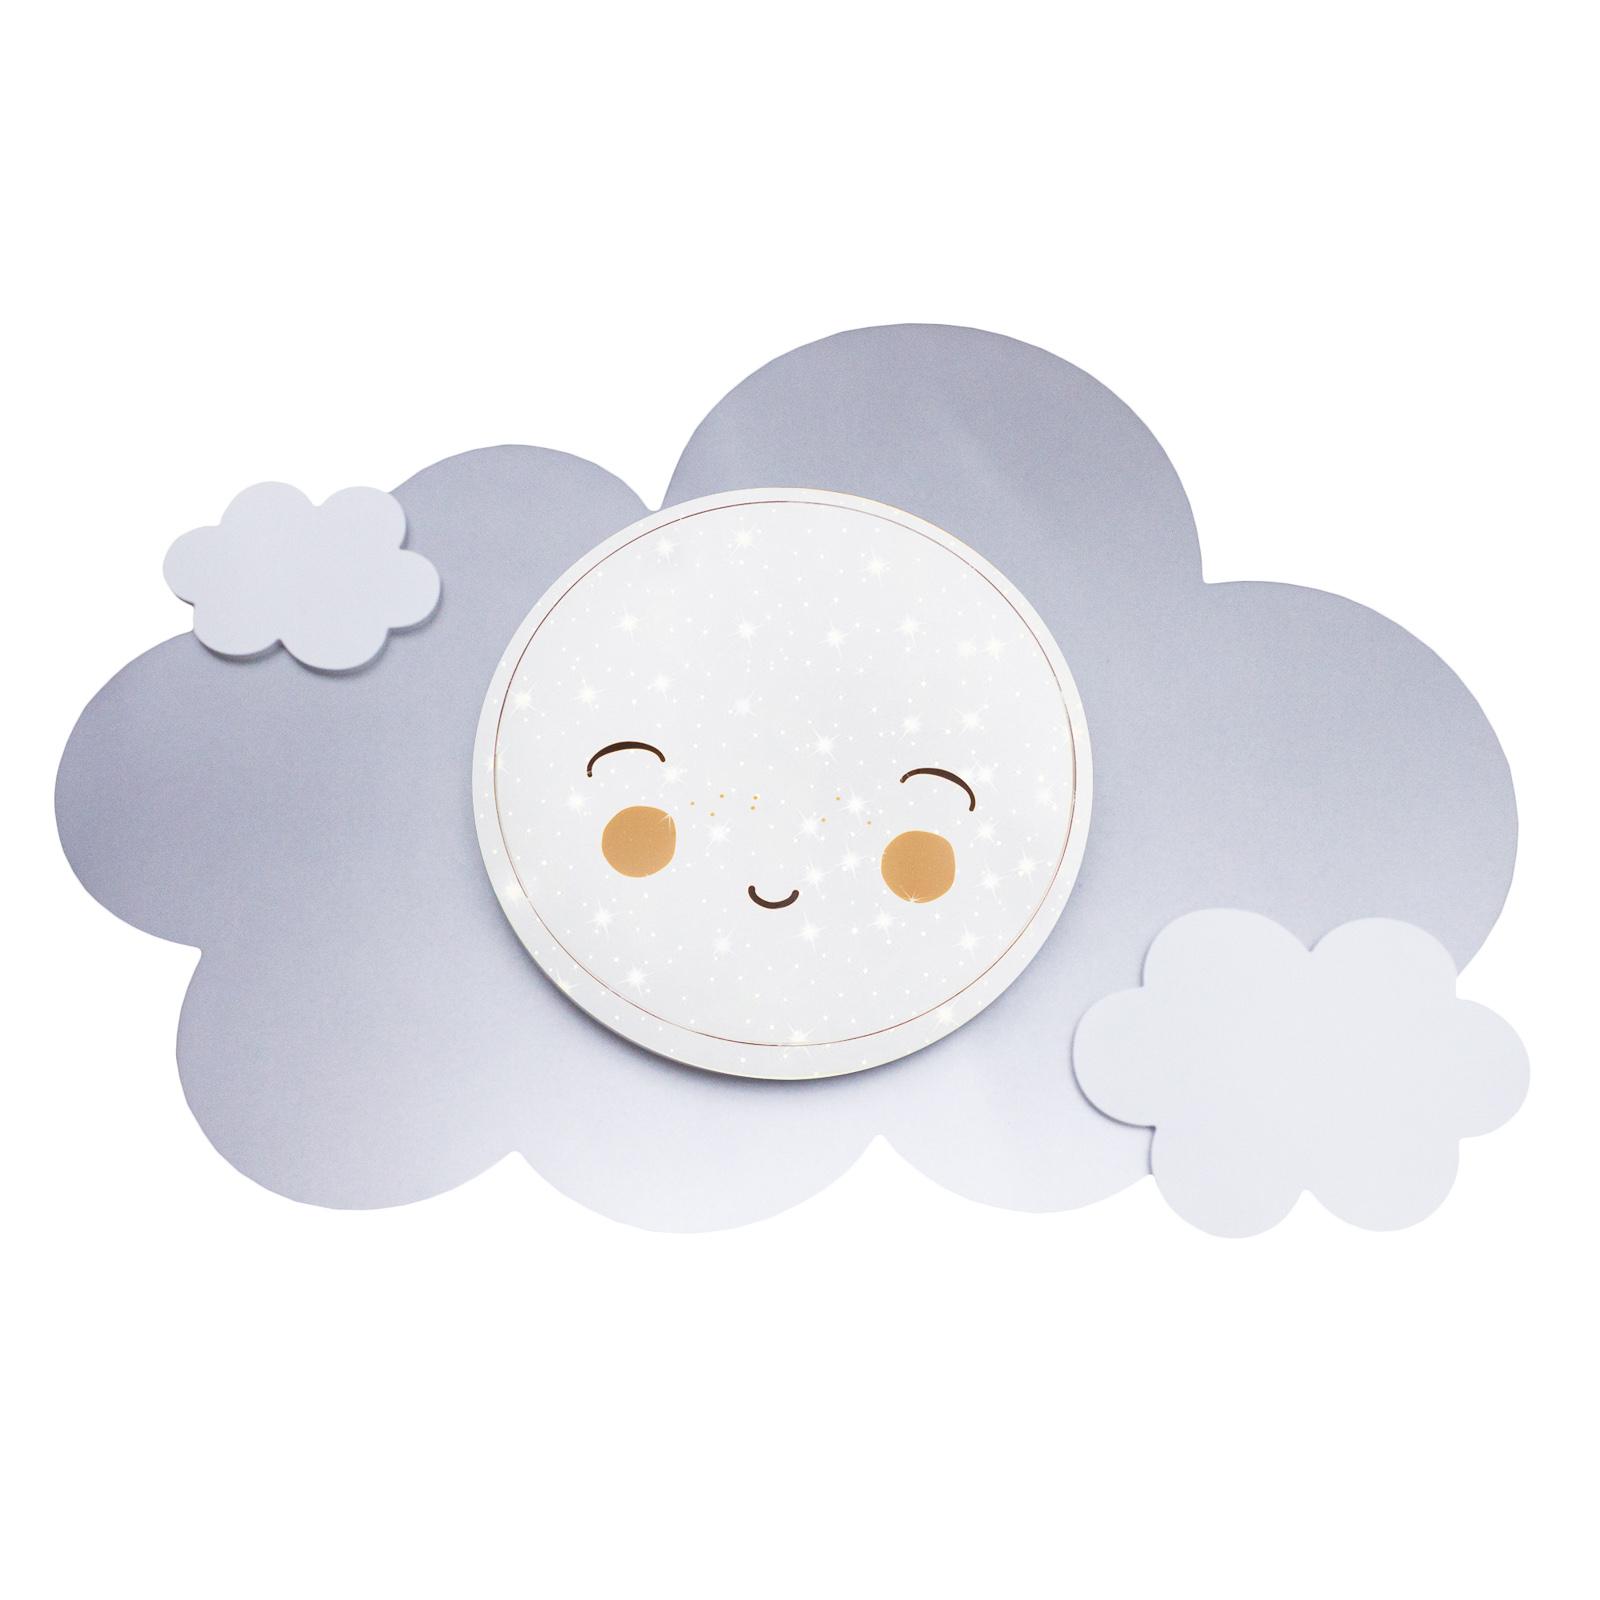 LED-vegglampe bildesky Starlight Smile, sølv